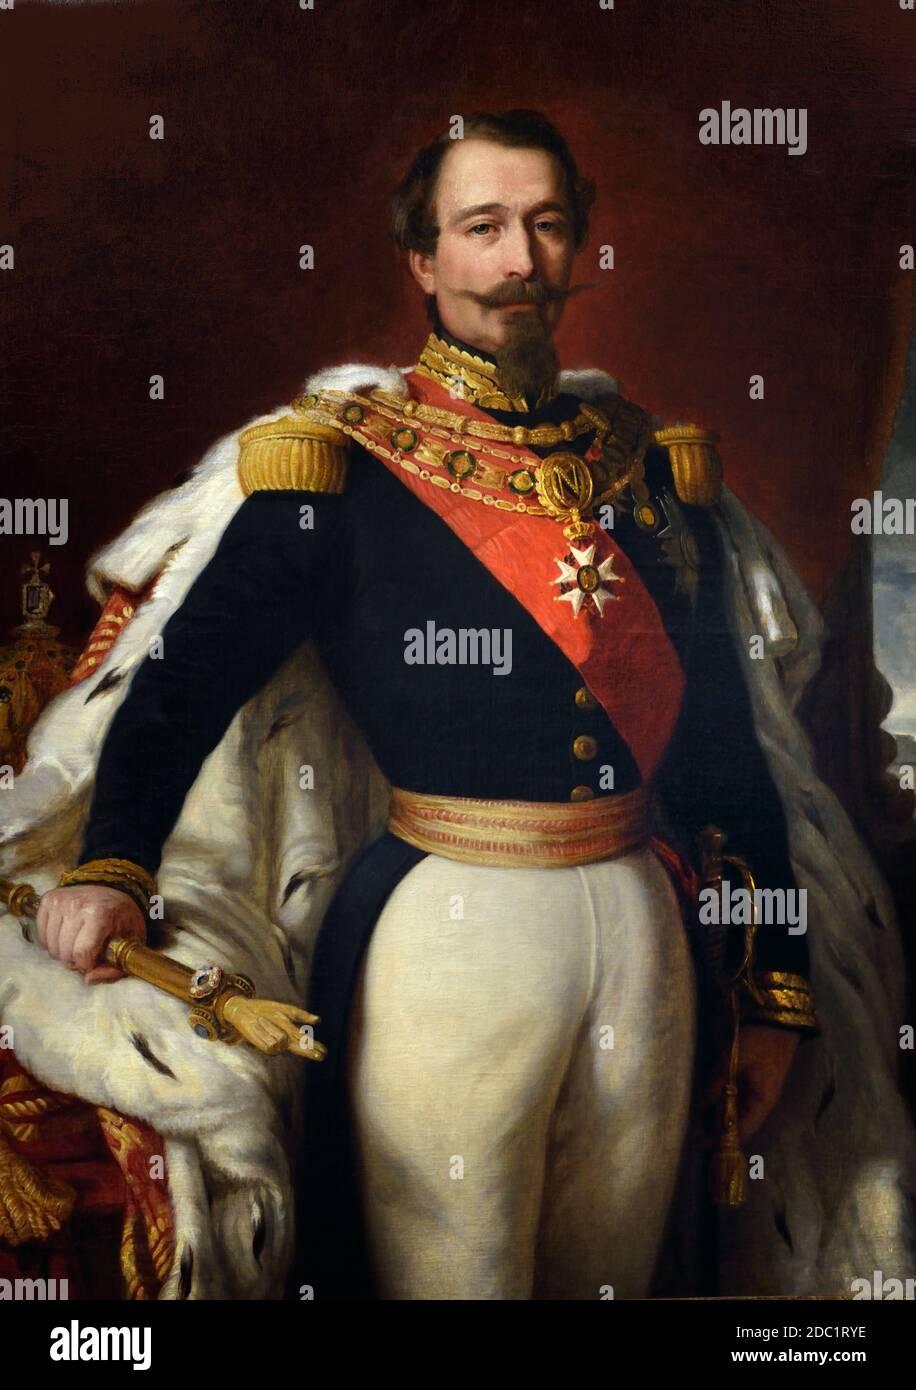 Napoleón III (Charles-Louis Napoléon Bonaparte, 1808 – 1873), sobrino de Napoleón I, fue el primer presidente de Francia, de 1848 a 1852, y el último monarca francés, de 1852 a 1870. Retrato de Franz Xaver Winterhalter Francia, francés. ( ejército del emperador Napoleón Bonaparte ) Foto de stock